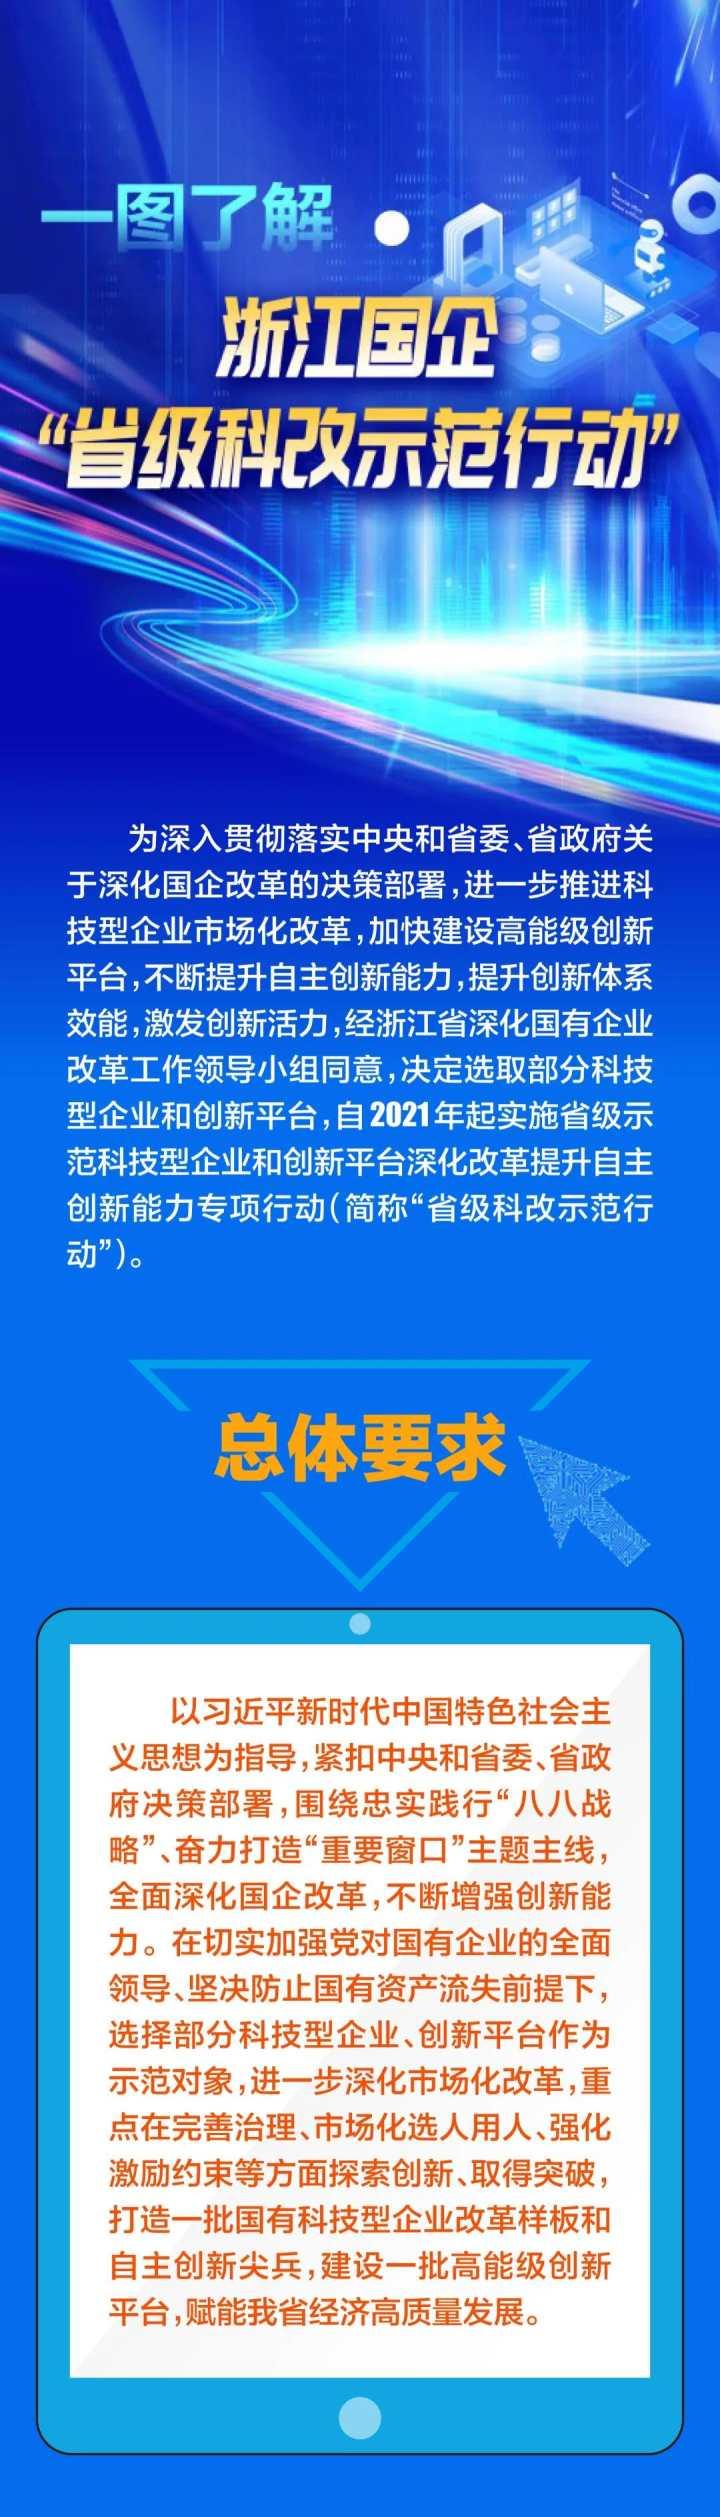 微信图片_20210917130156.jpg